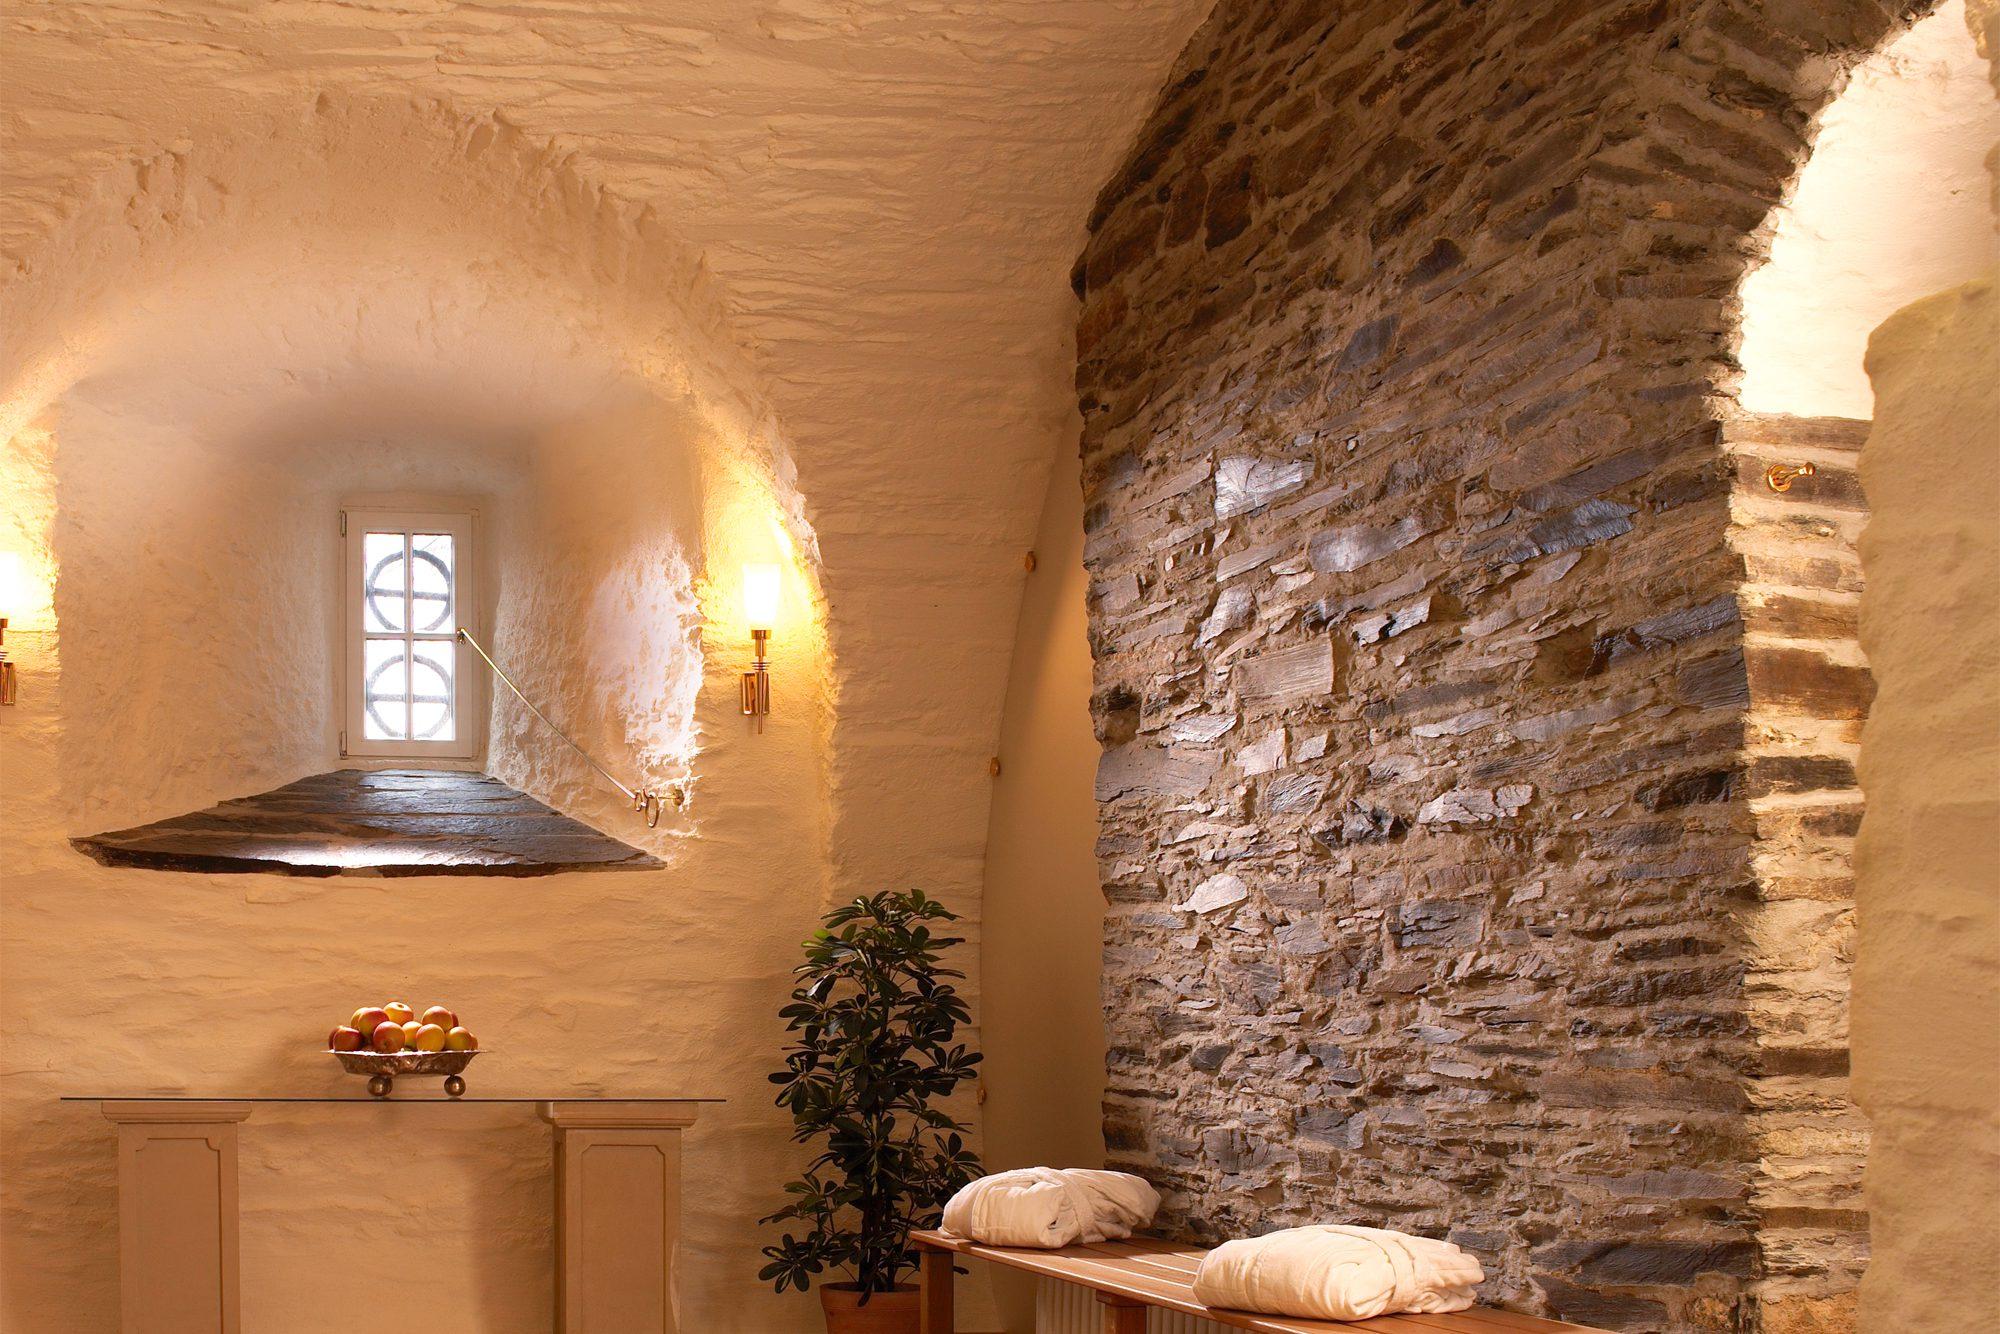 Einmal wie ein Ritter wohnen 1 • Burg Schnellenberg